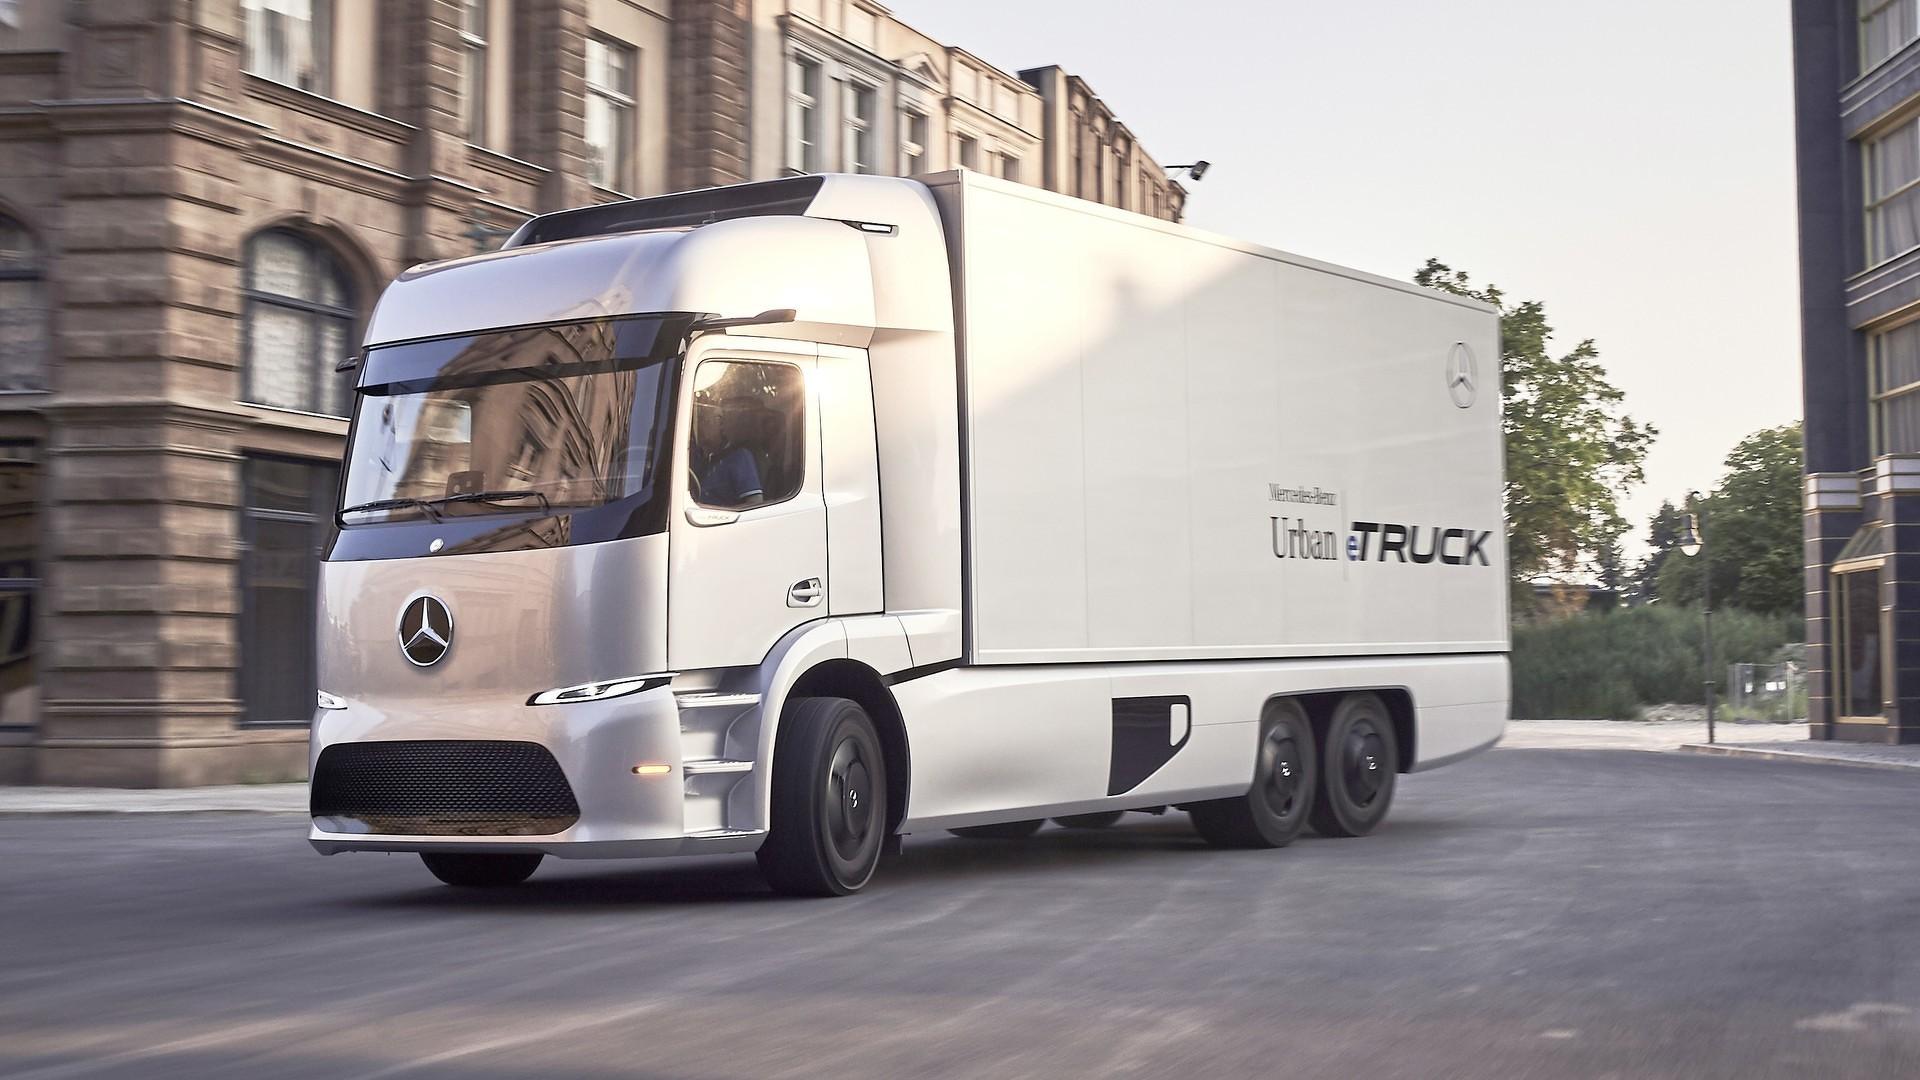 Mercedes Urban eTruck Concept has 124-mile electric range